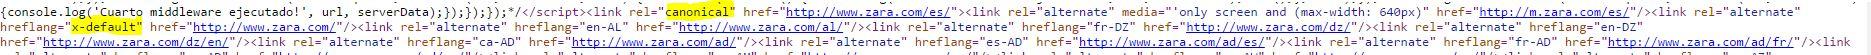 Etiqueta de ejemplo hreflang